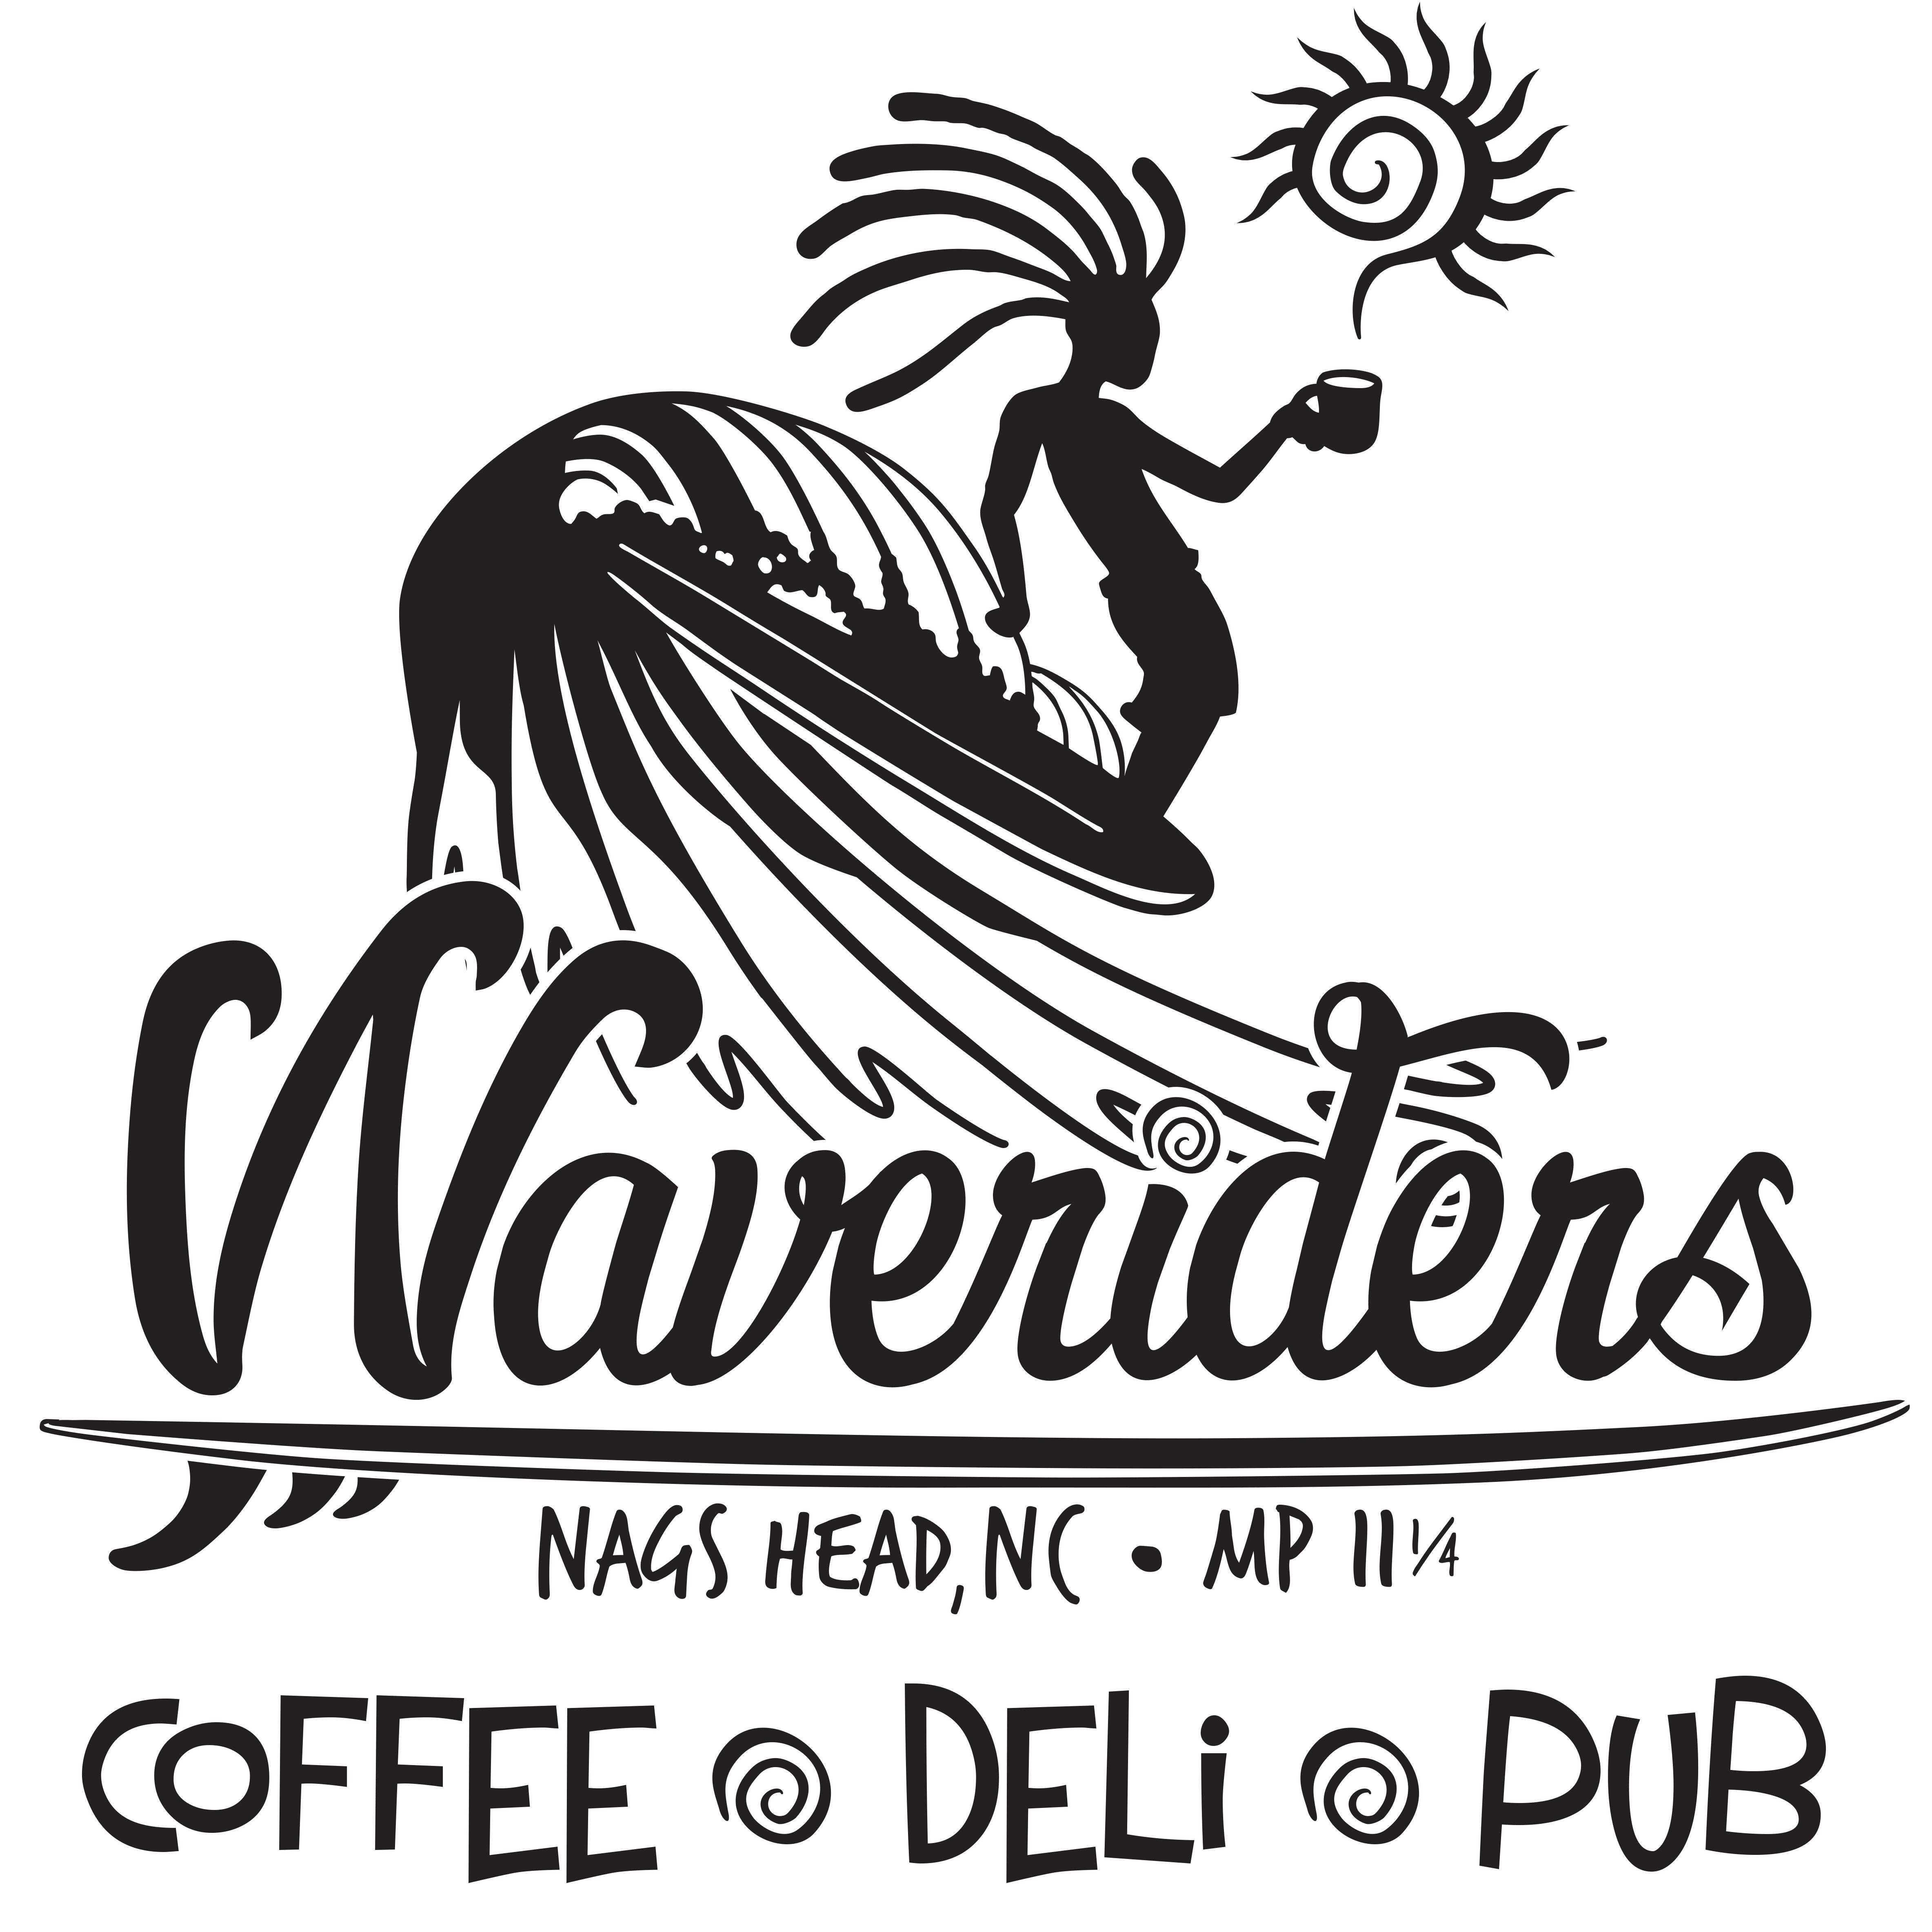 4734x4734 Beer Amp Wine Menus Waveriders Nags Head Coffee, Deli Amp Pub